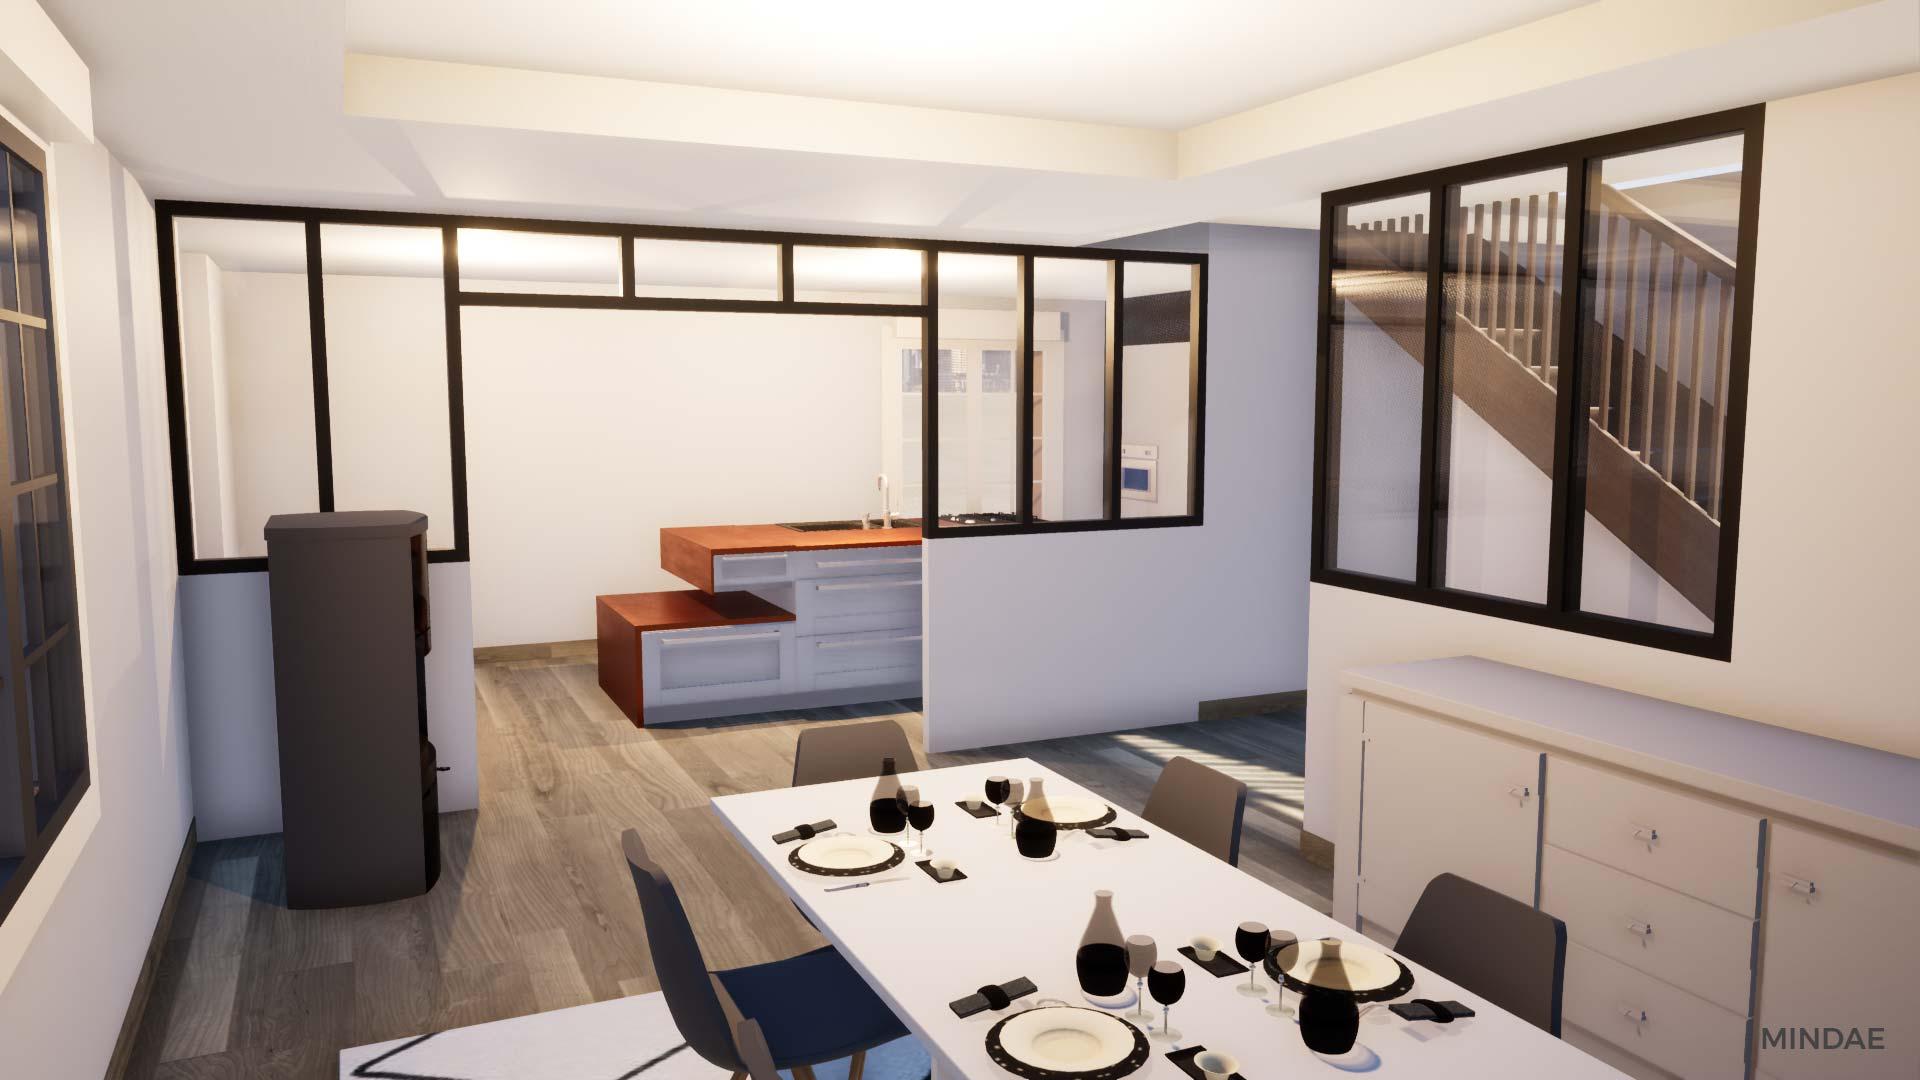 Mindae_3D_maison_salon_verriere_metal_test_agencement_design_cuisine_entree-(7)